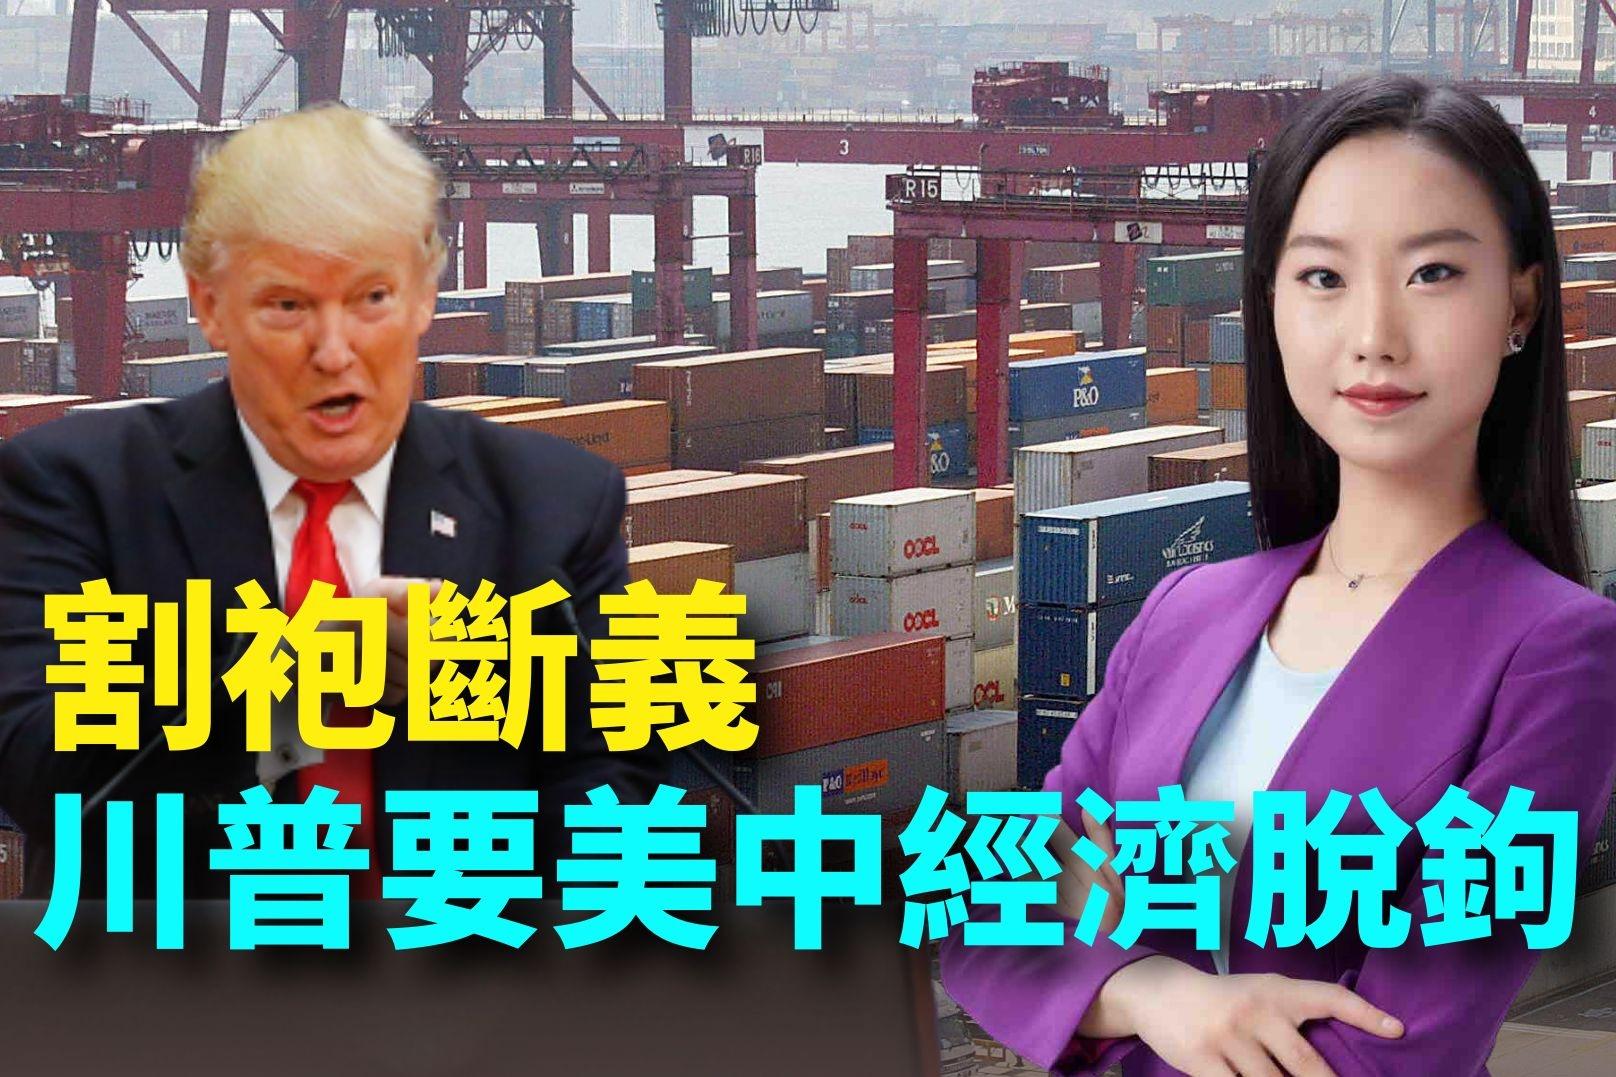 再拋美中脫鉤論,特朗普為何要與中共「割袍斷義」?同為總統競選人的拜登,為何被特朗普說成是北京的「馬前卒」,甚至在經濟上「背叛」了美國呢?(Getty Images/大紀元合成圖)